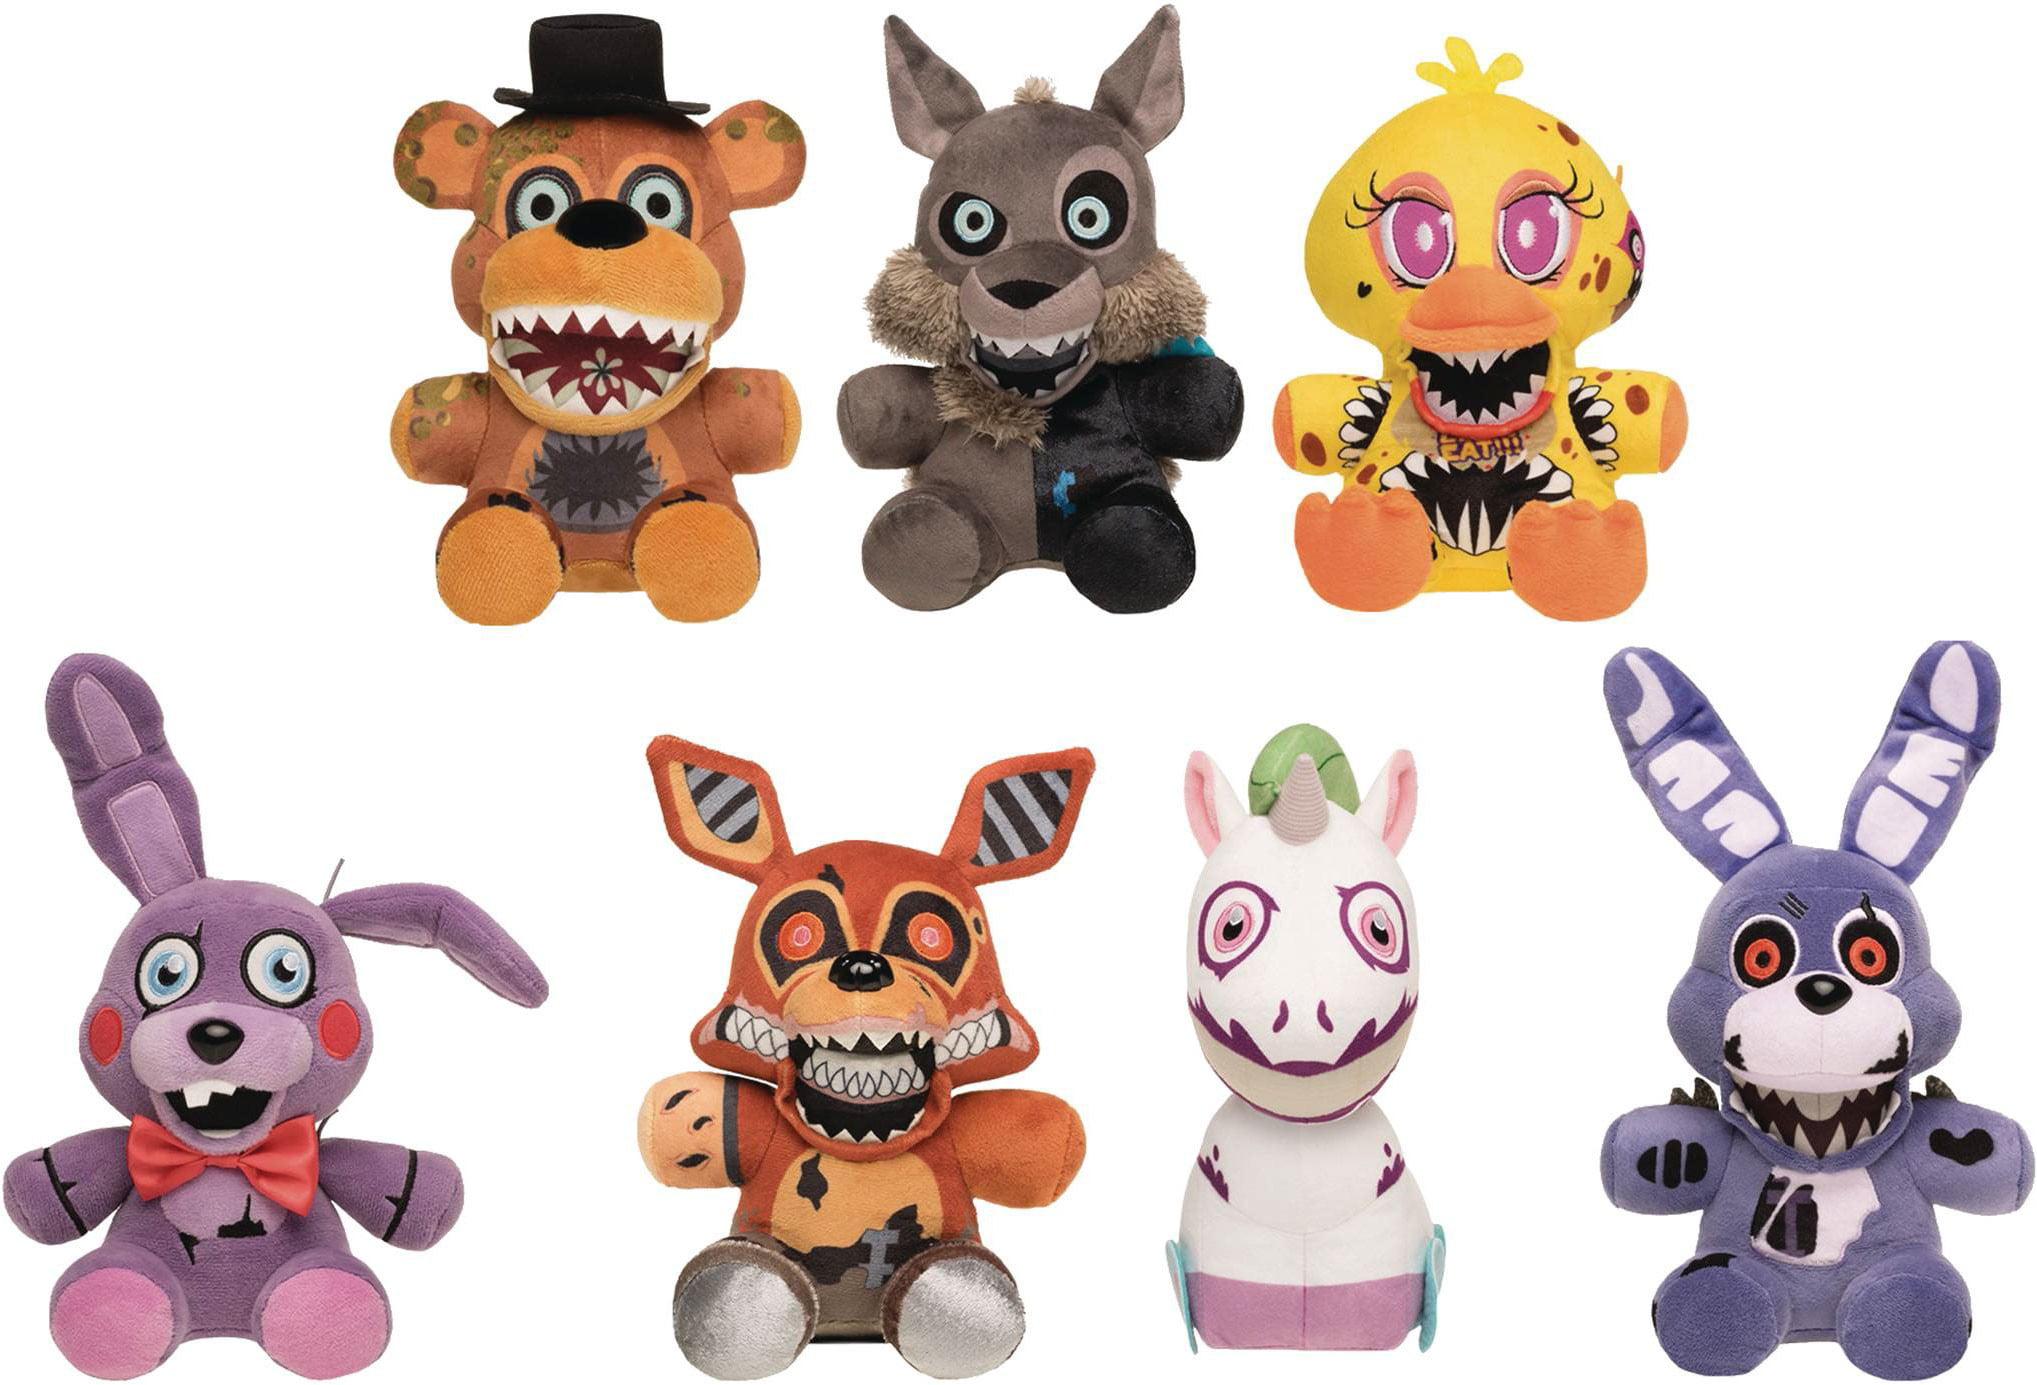 Koala Stuffed Animals Mini, Funko Five Nights At Freddy S Twisted Ones Set Of 7 Plushies Walmart Com Walmart Com